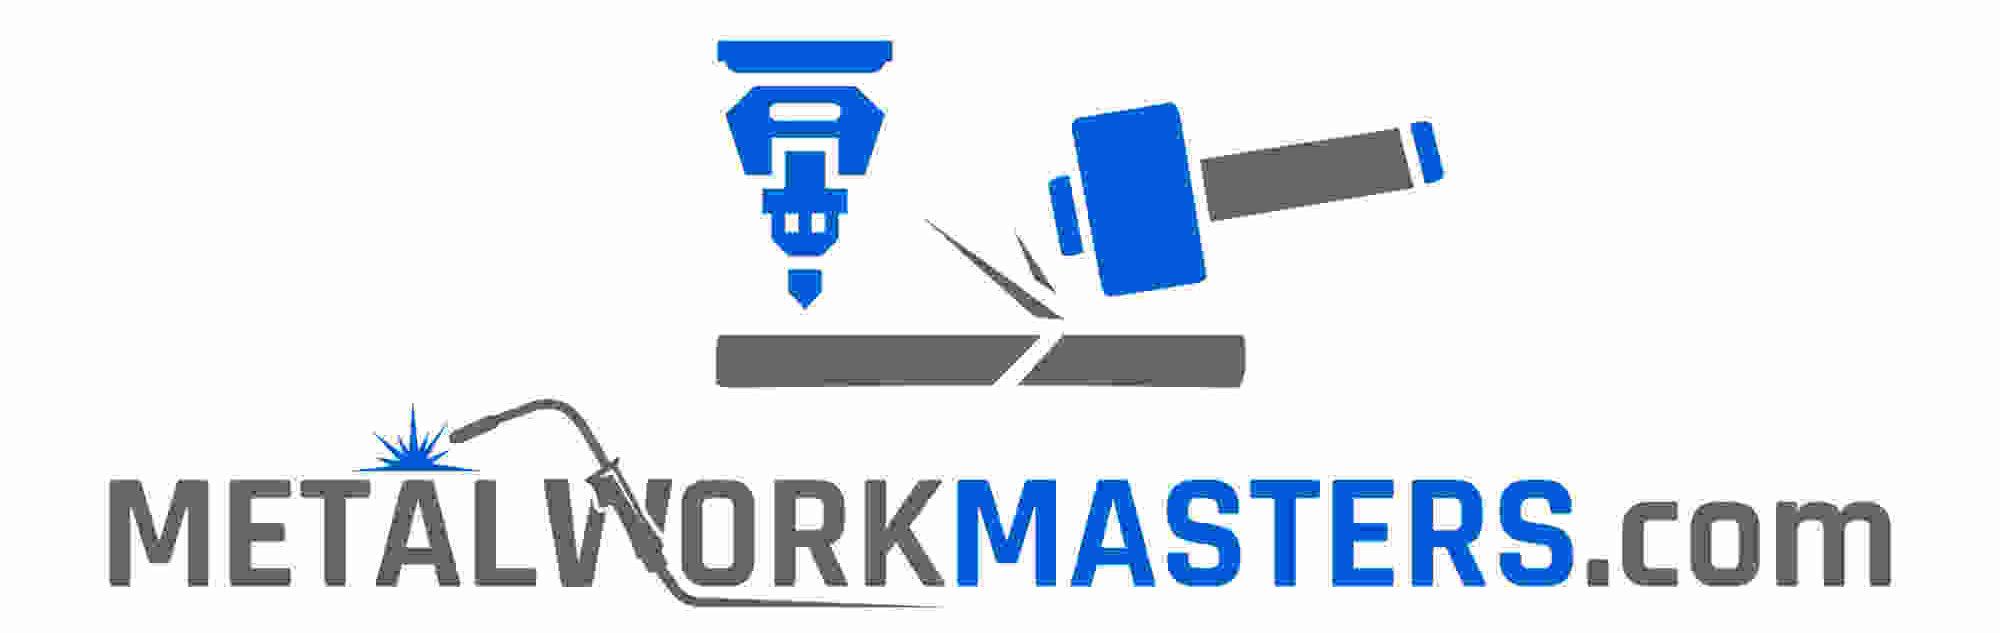 Metalworkmasters.com